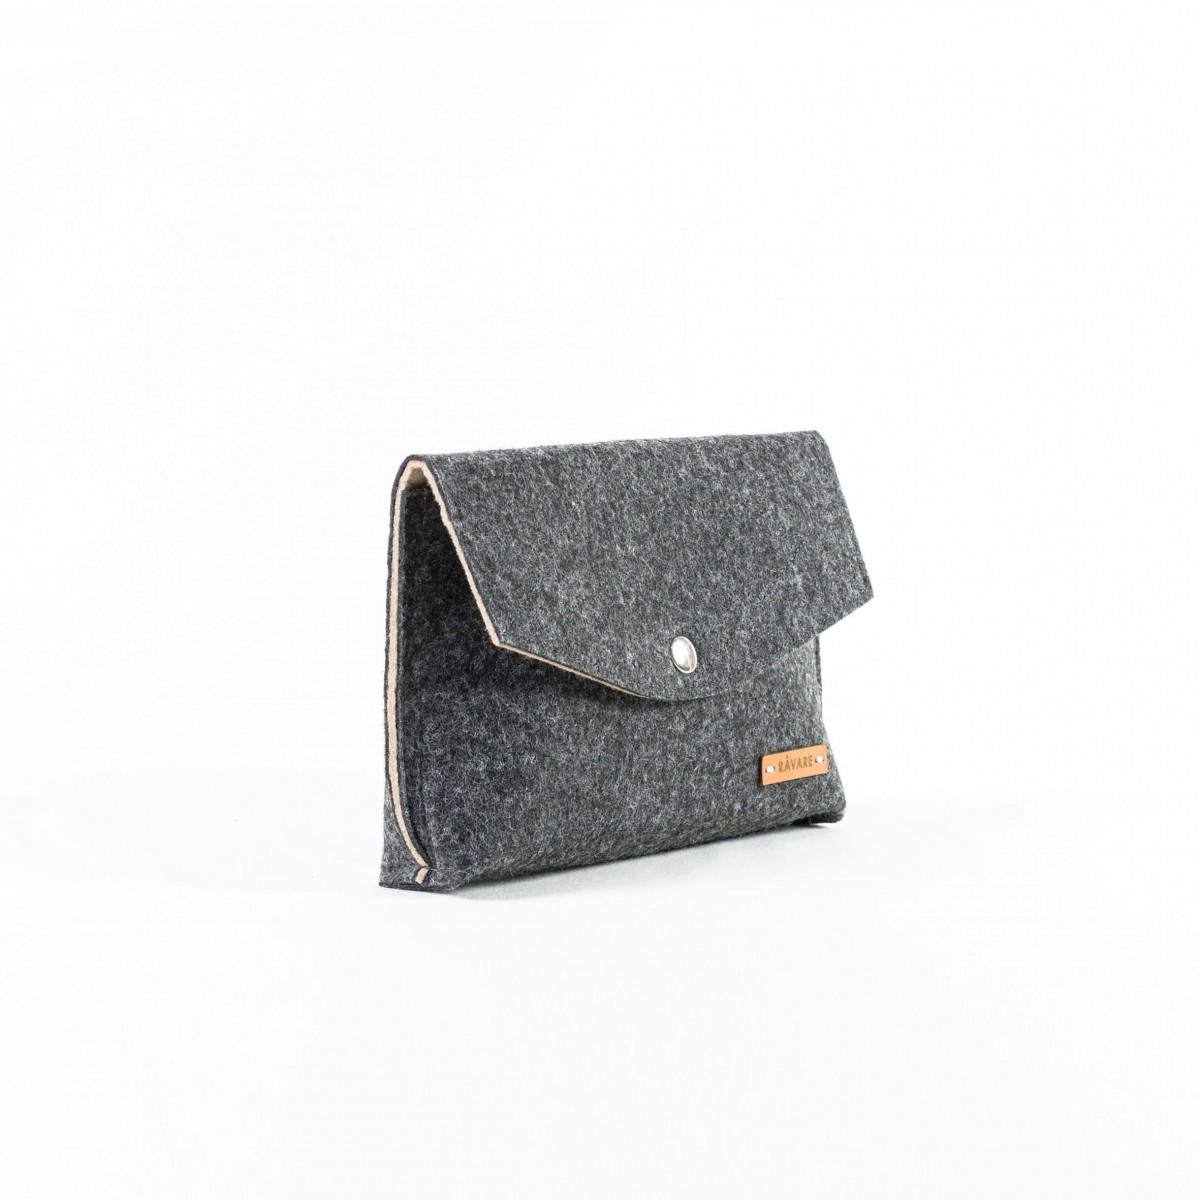 RÅVARE Schicke Umhängetasche mit 2 Tragemöglichkeiten, Clutch & Gürteltasche, kleine Handtasche, Abendtasche in grau-beige [GJOKO]